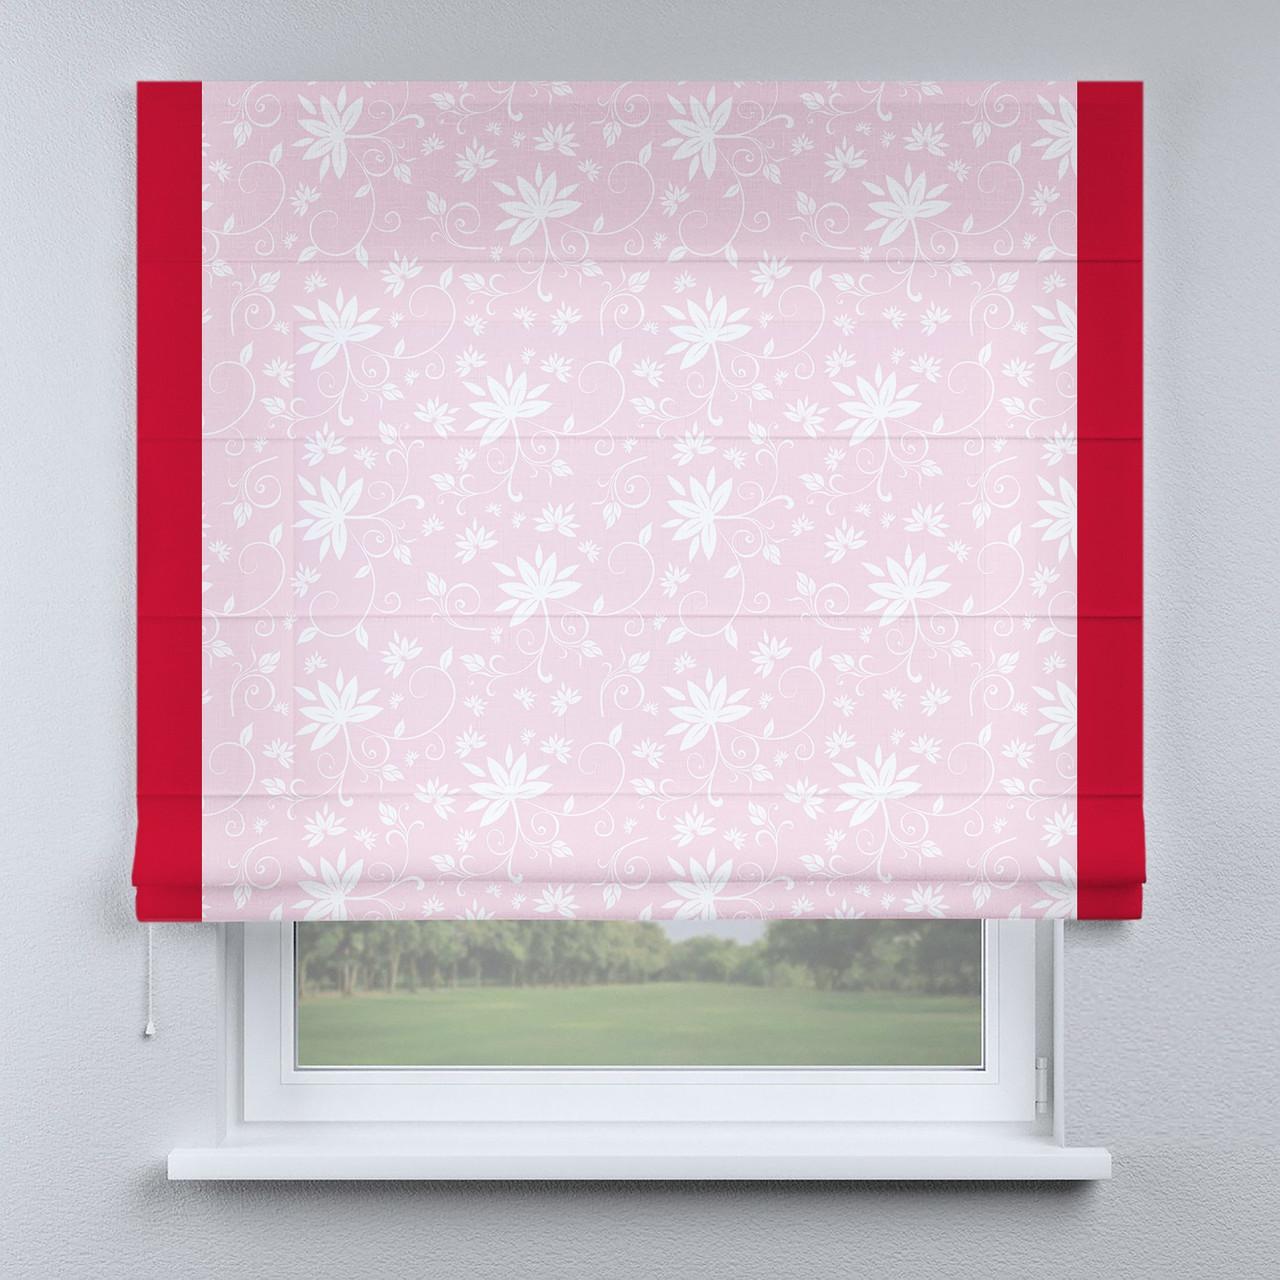 Римская штора розовая цветы белые с кантом красным